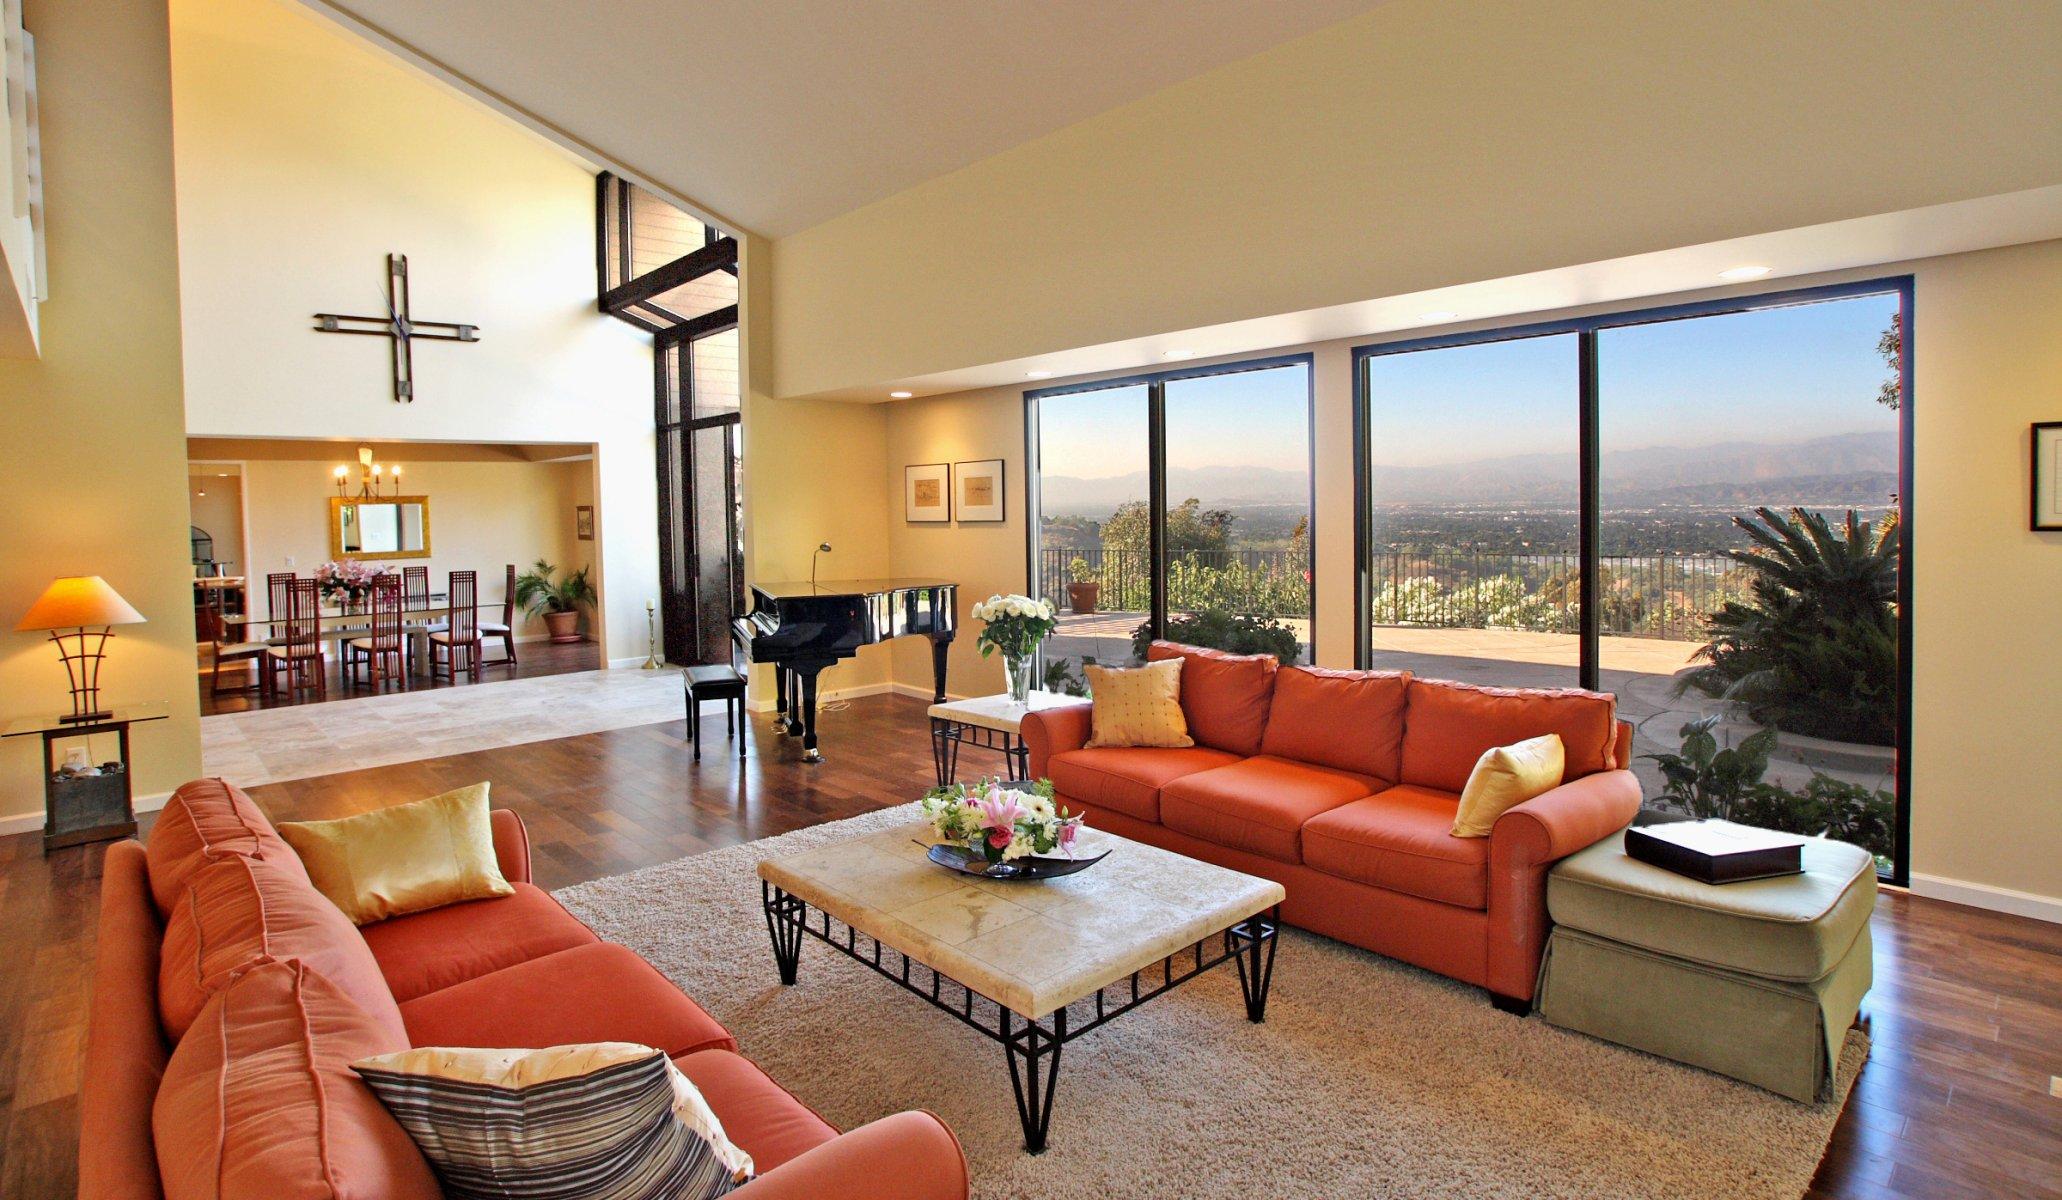 96 best villa interior images on Pinterest Mansions, Villa and Bedrooms Villa interior design photos